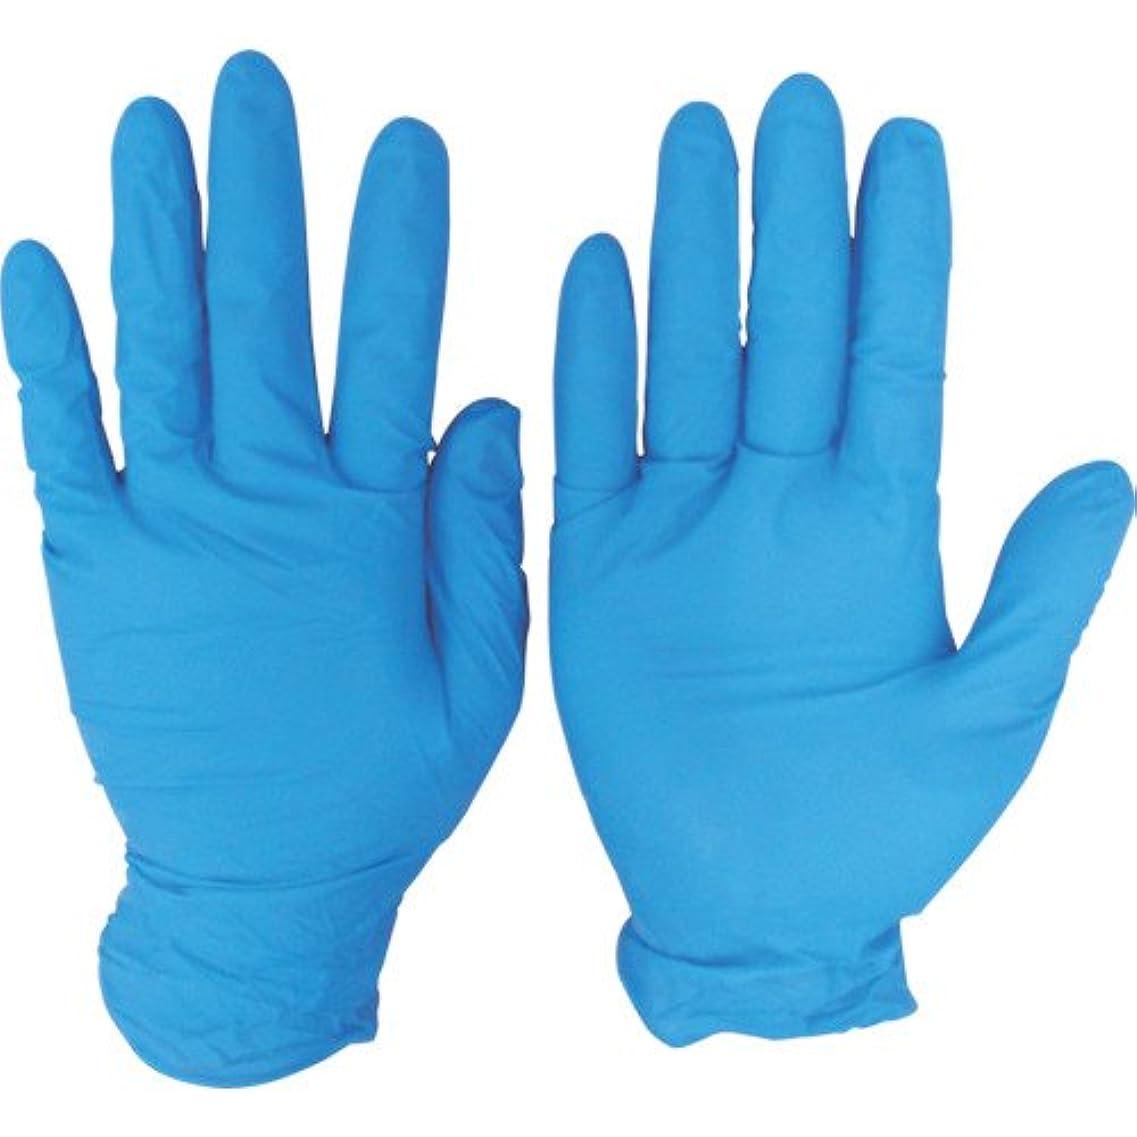 切断するのり不毛のシンガー ニトリルディスポ手袋No810ブルー粉無 SSサイズ (100枚入)